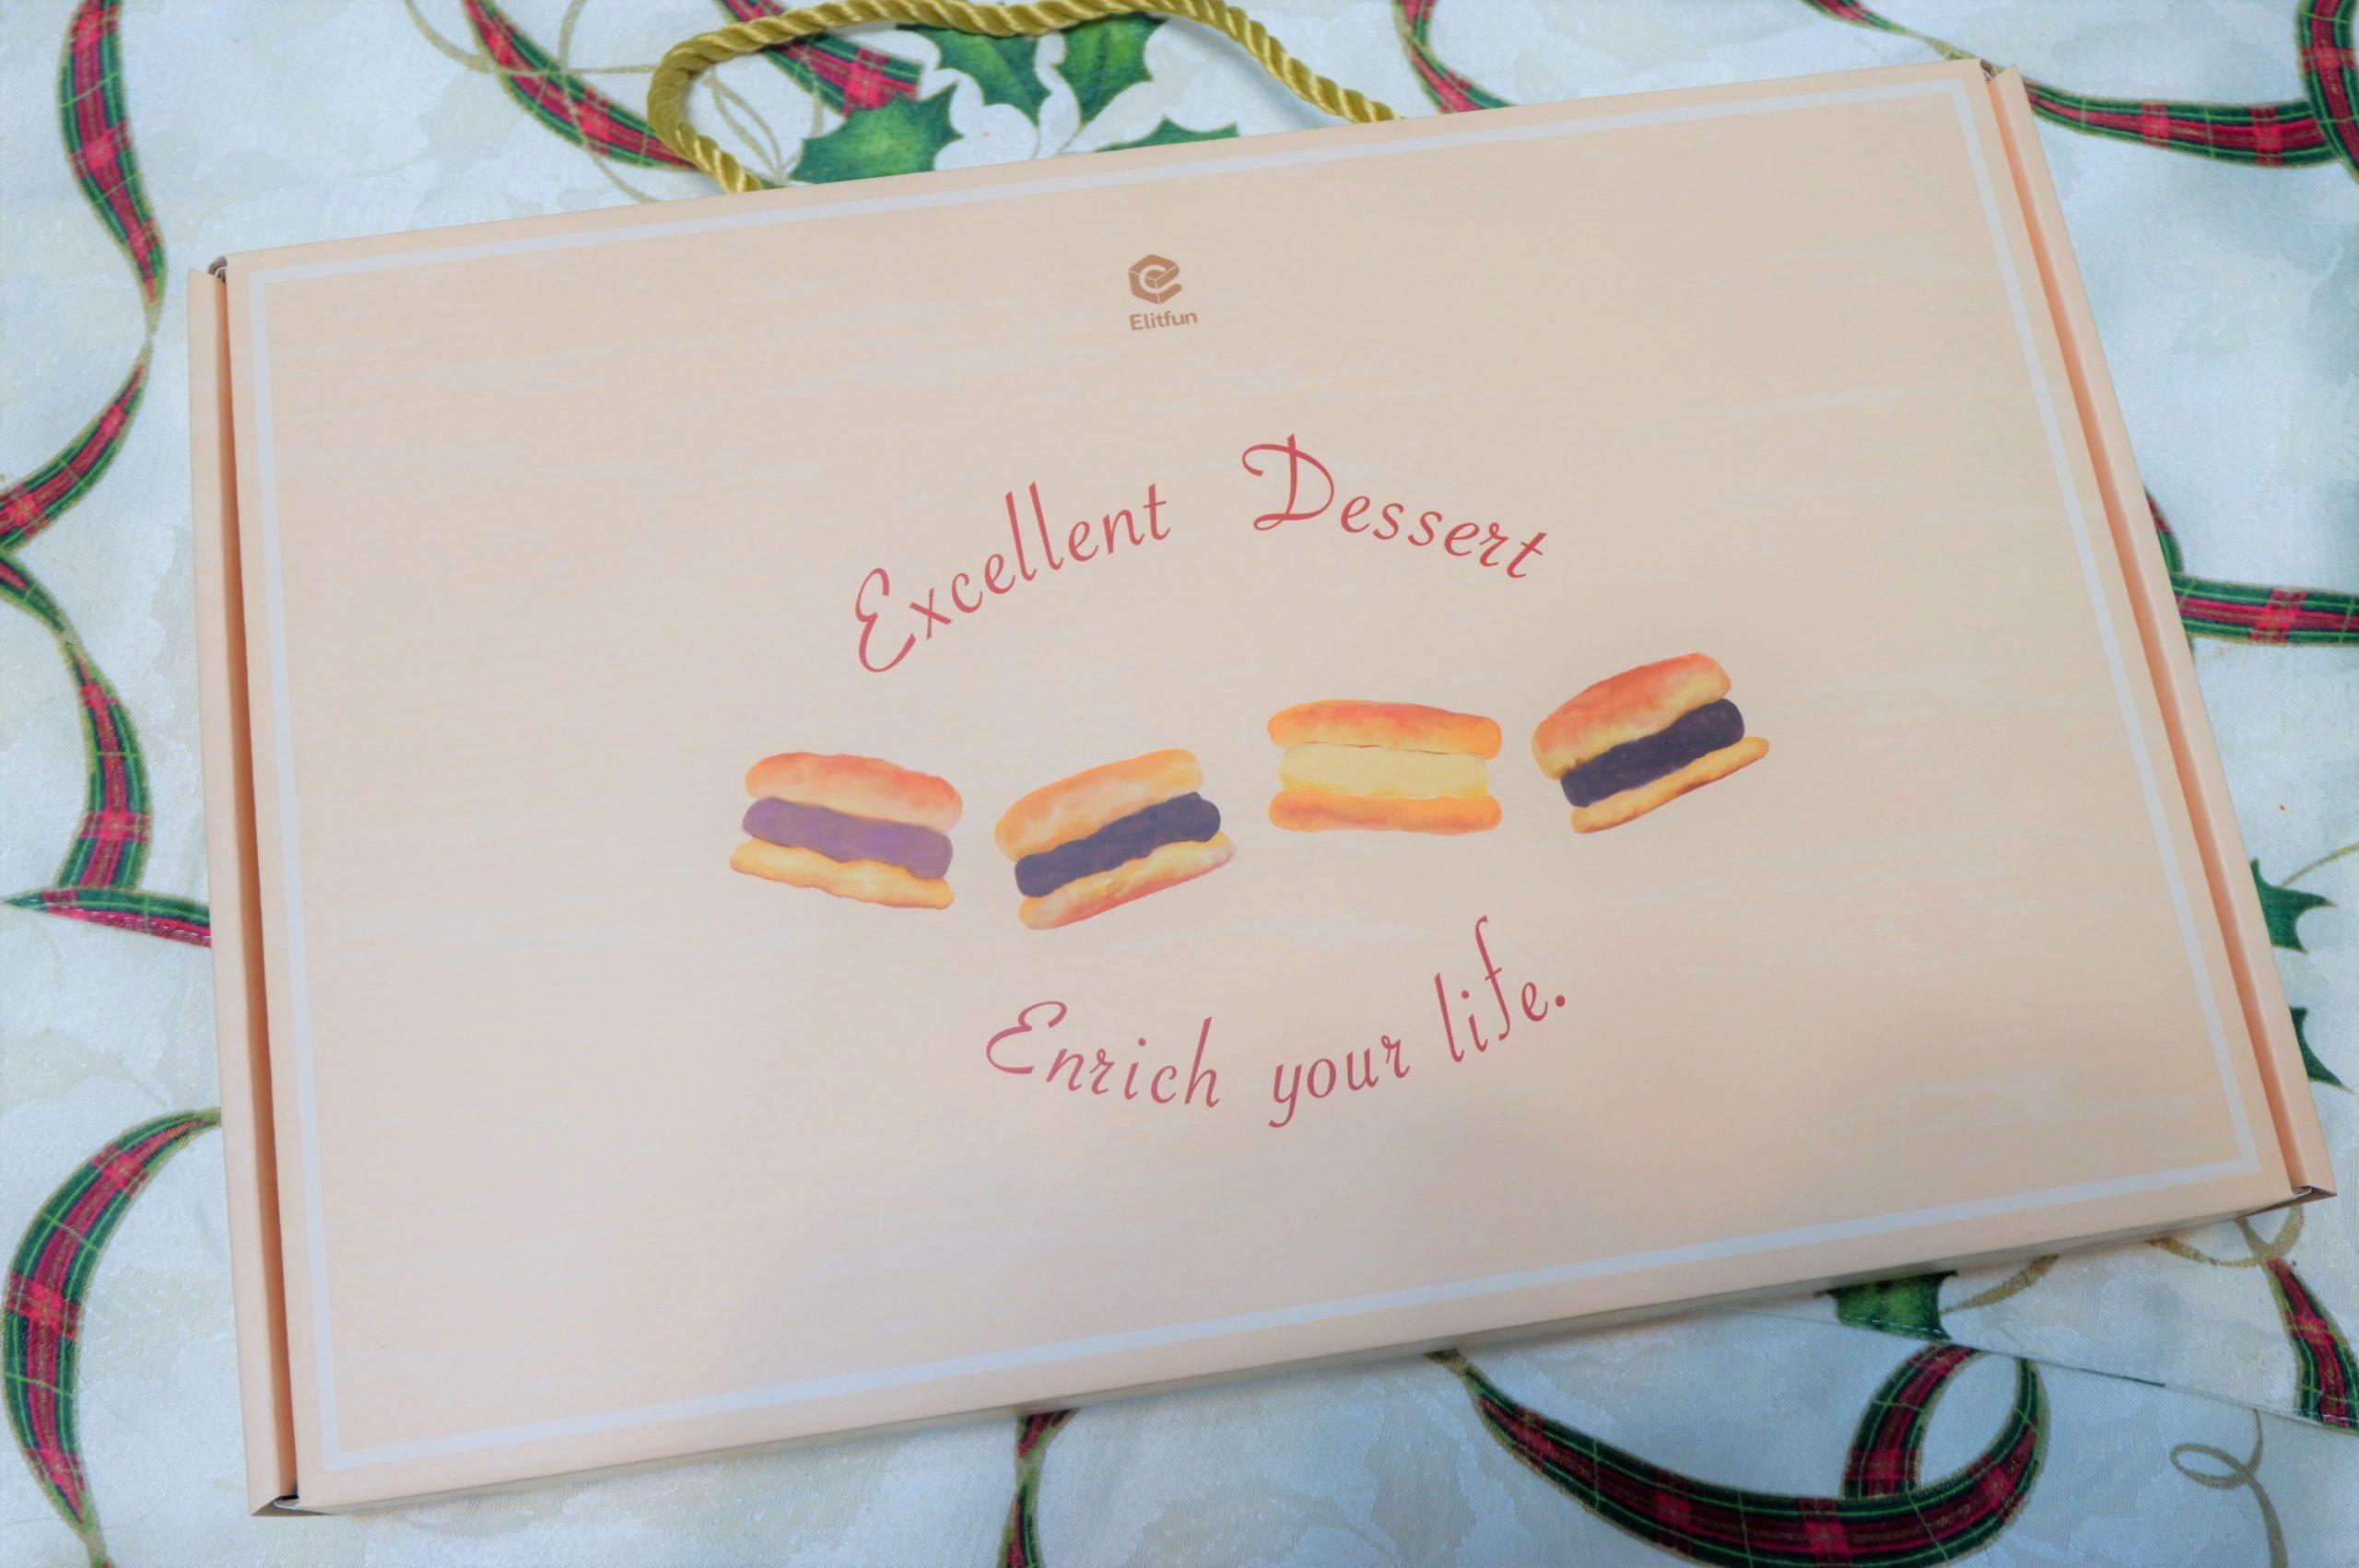 【網購甜點】Elitfun E立方 舒芙蕾口感的BIG銅鑼燒禮盒 @貝大小姐與瑞餚姐の囂脂私蜜話